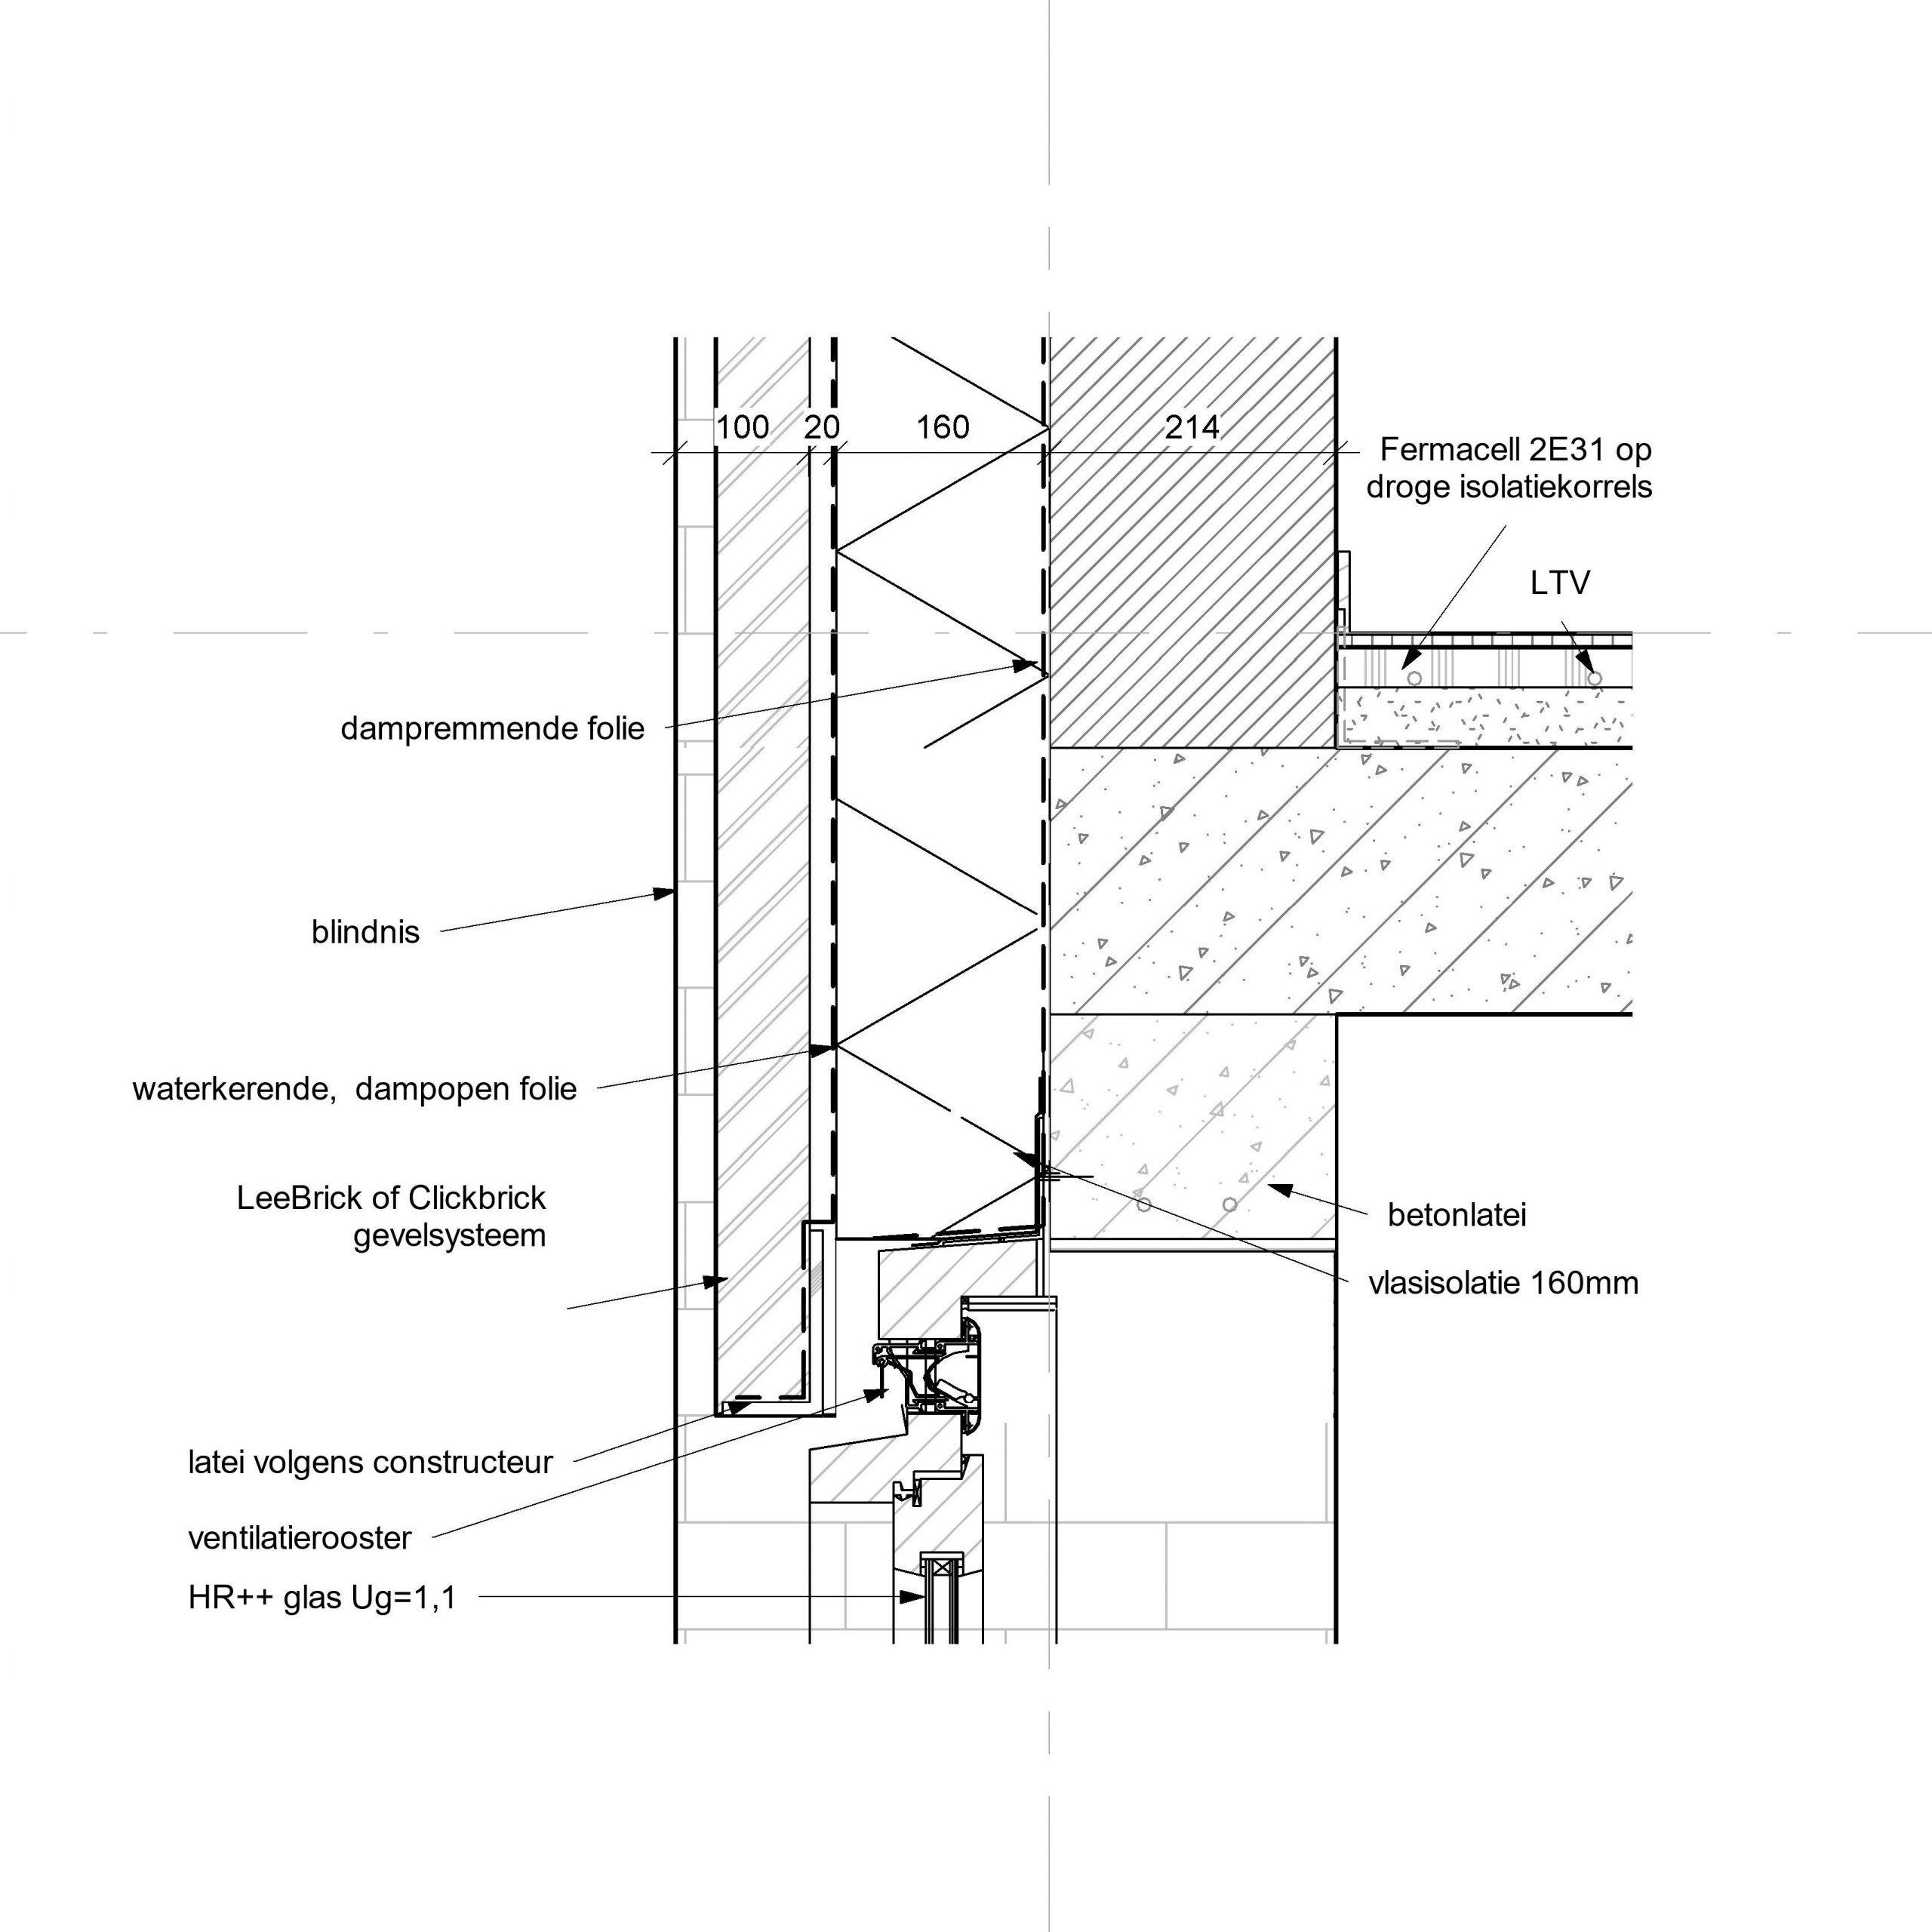 detailtekening bouwkundig